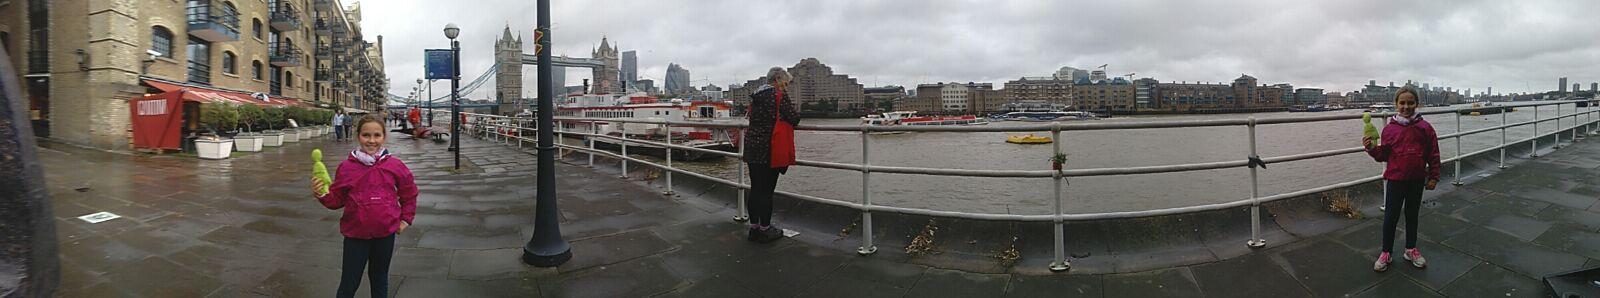 Double in London